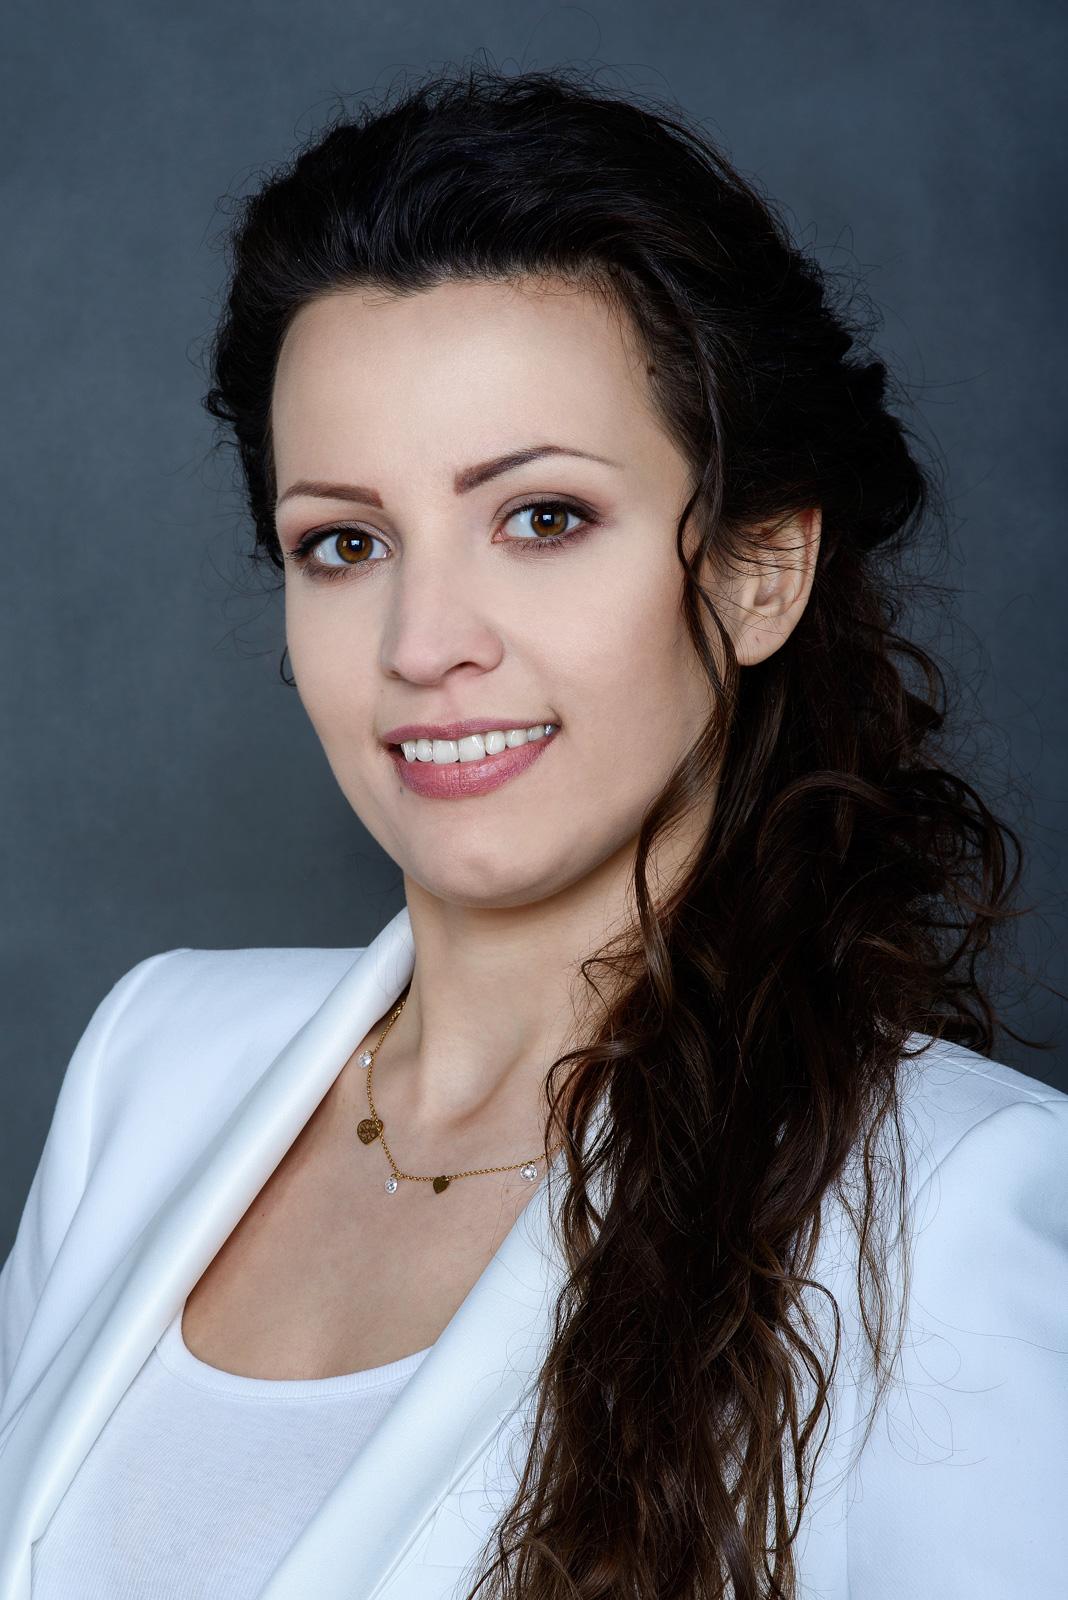 Anna Skwarek-Flens